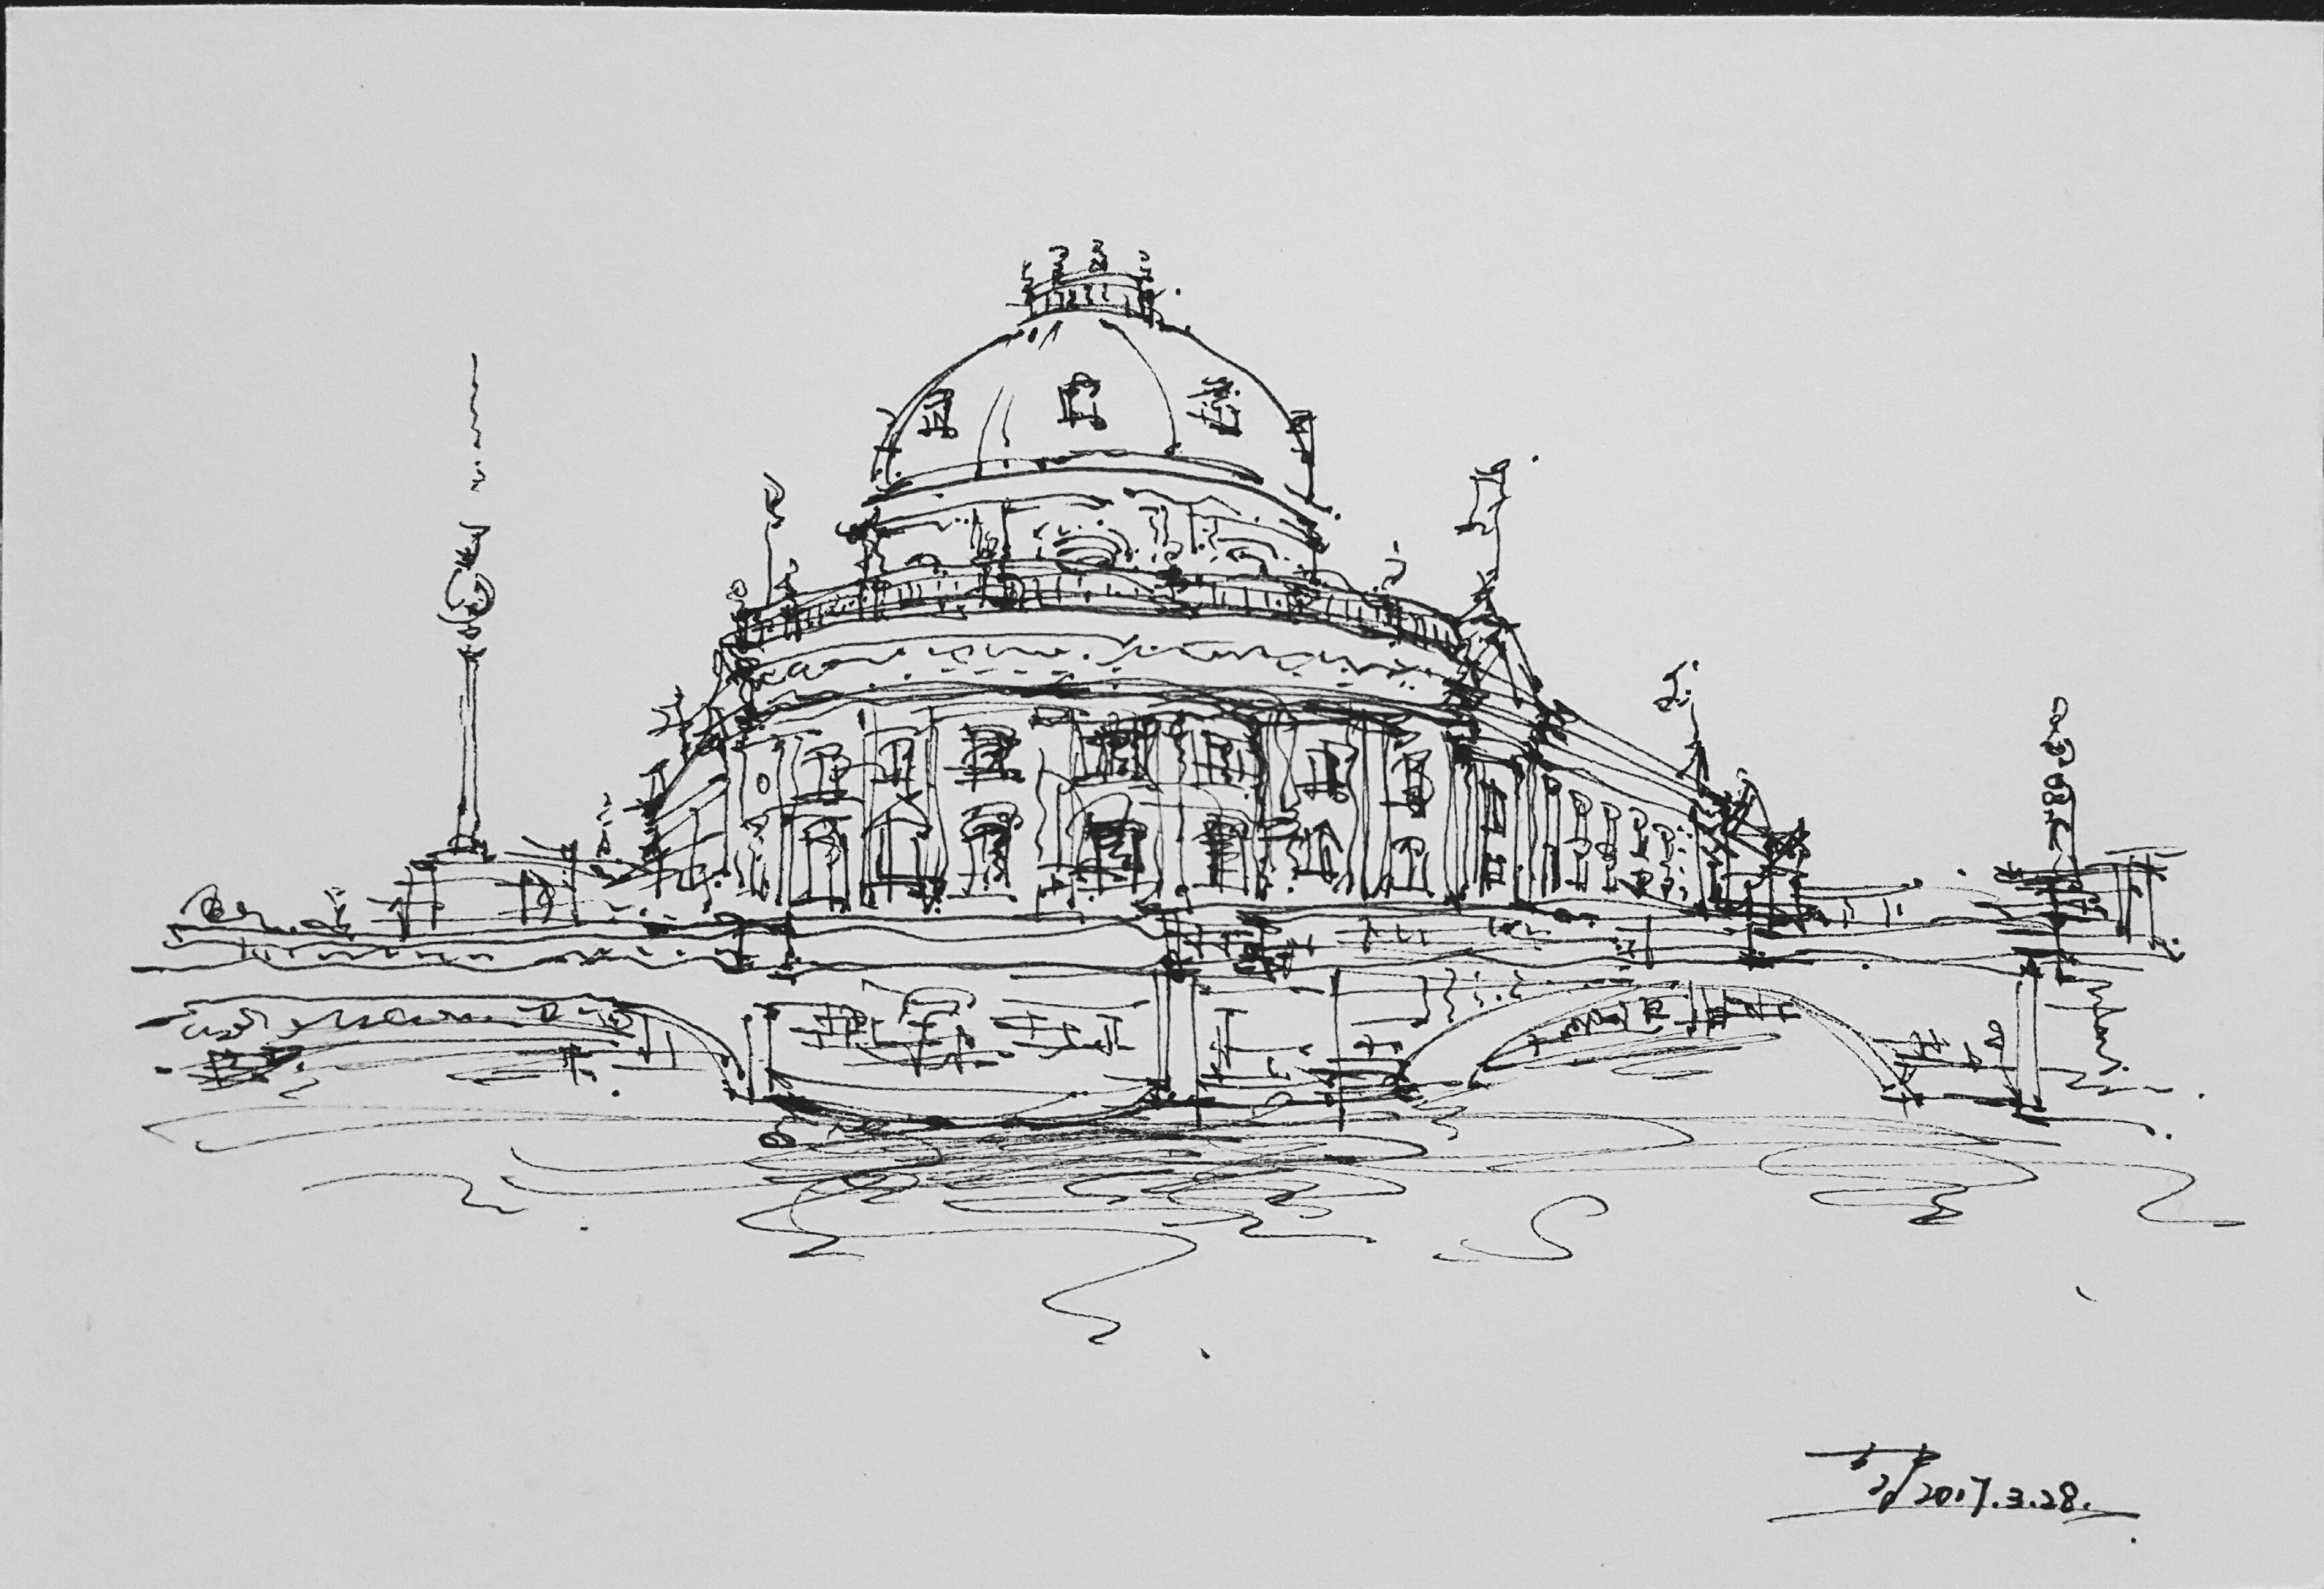 近日练习 钢笔建筑手绘 原创 20170329